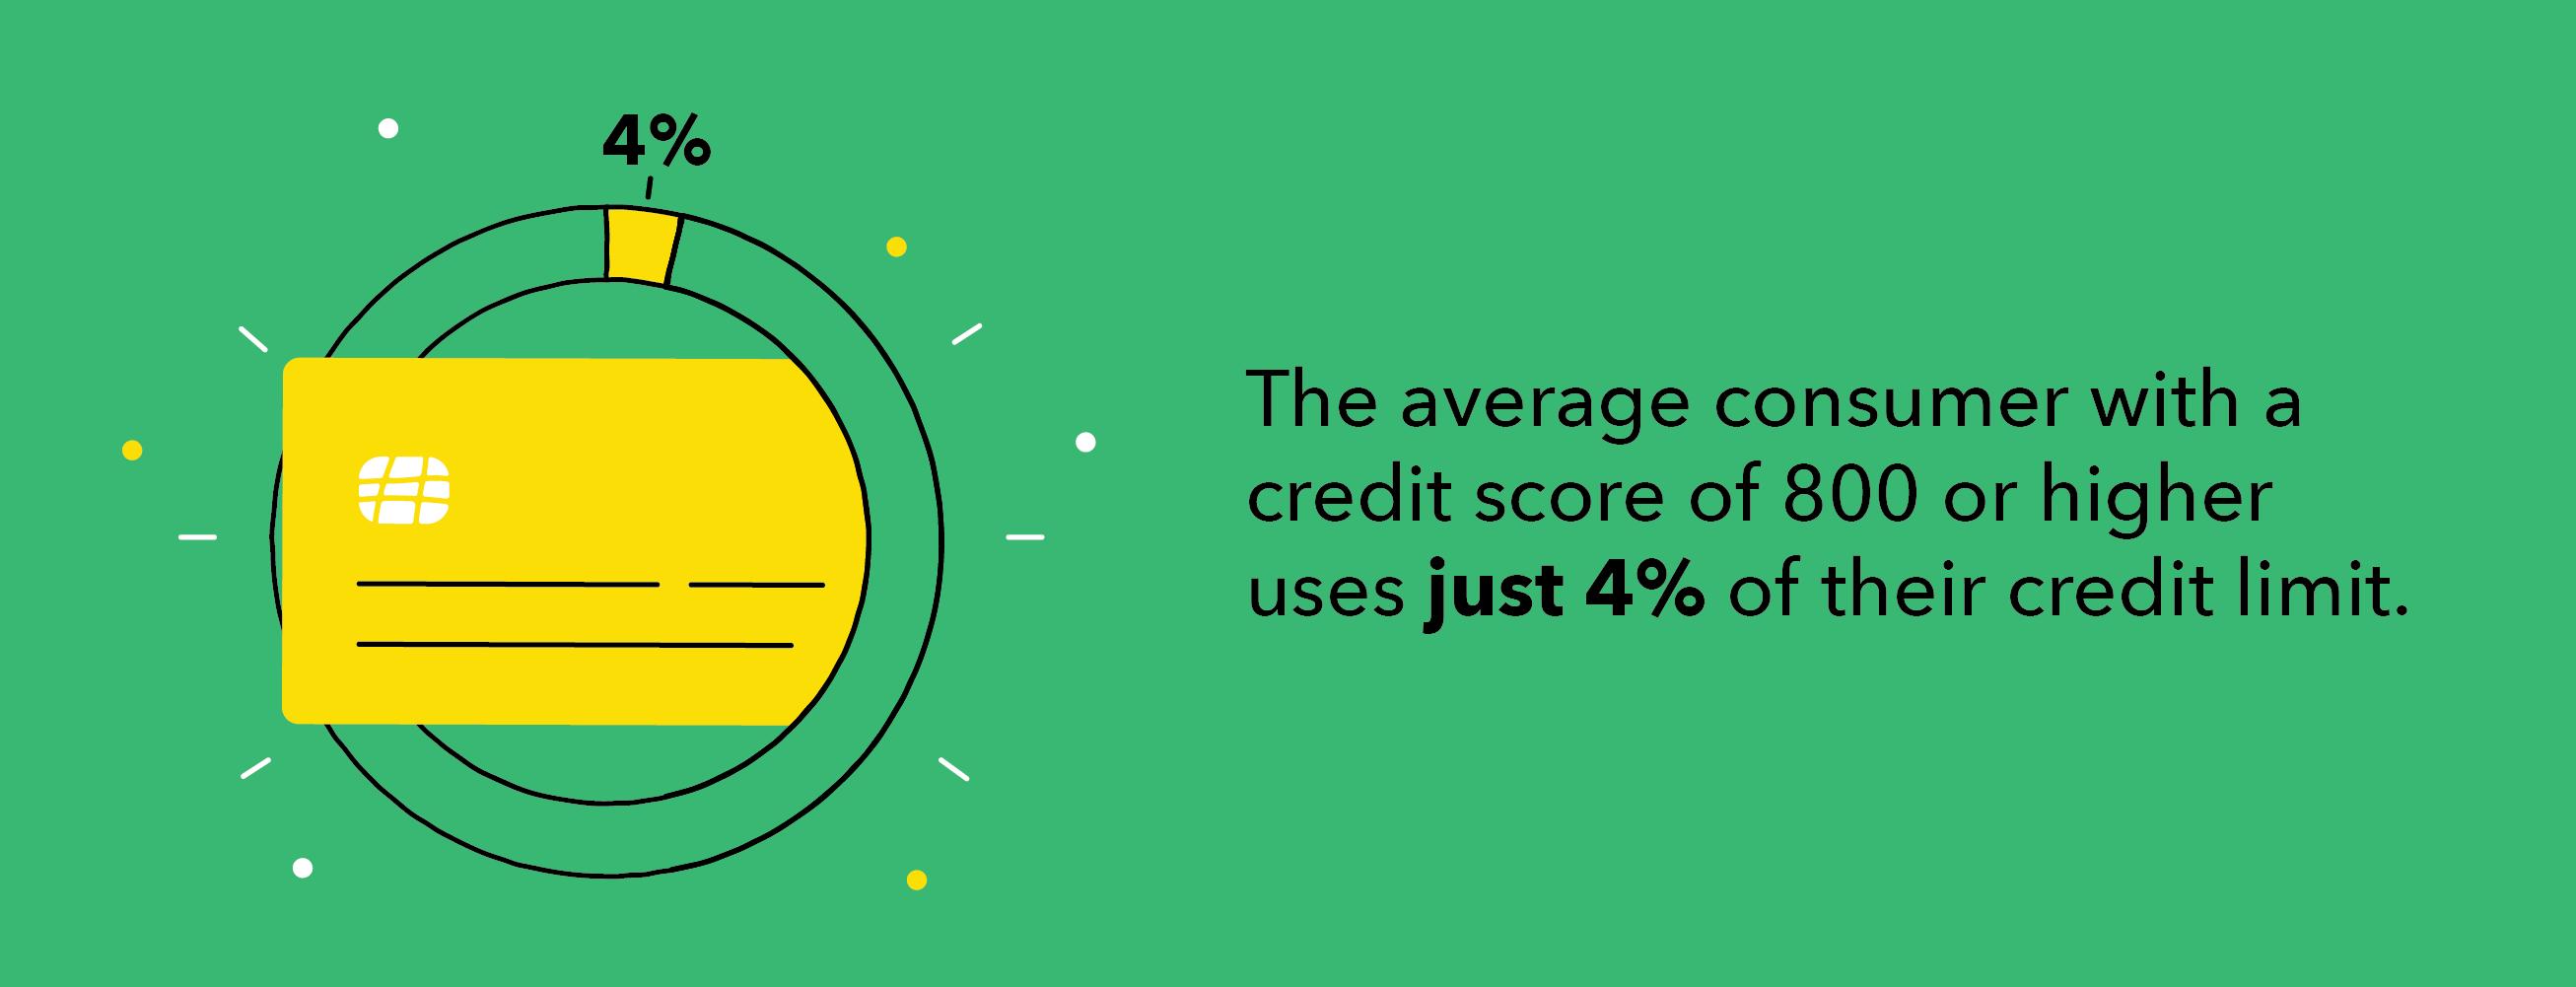 Average consumer credit score